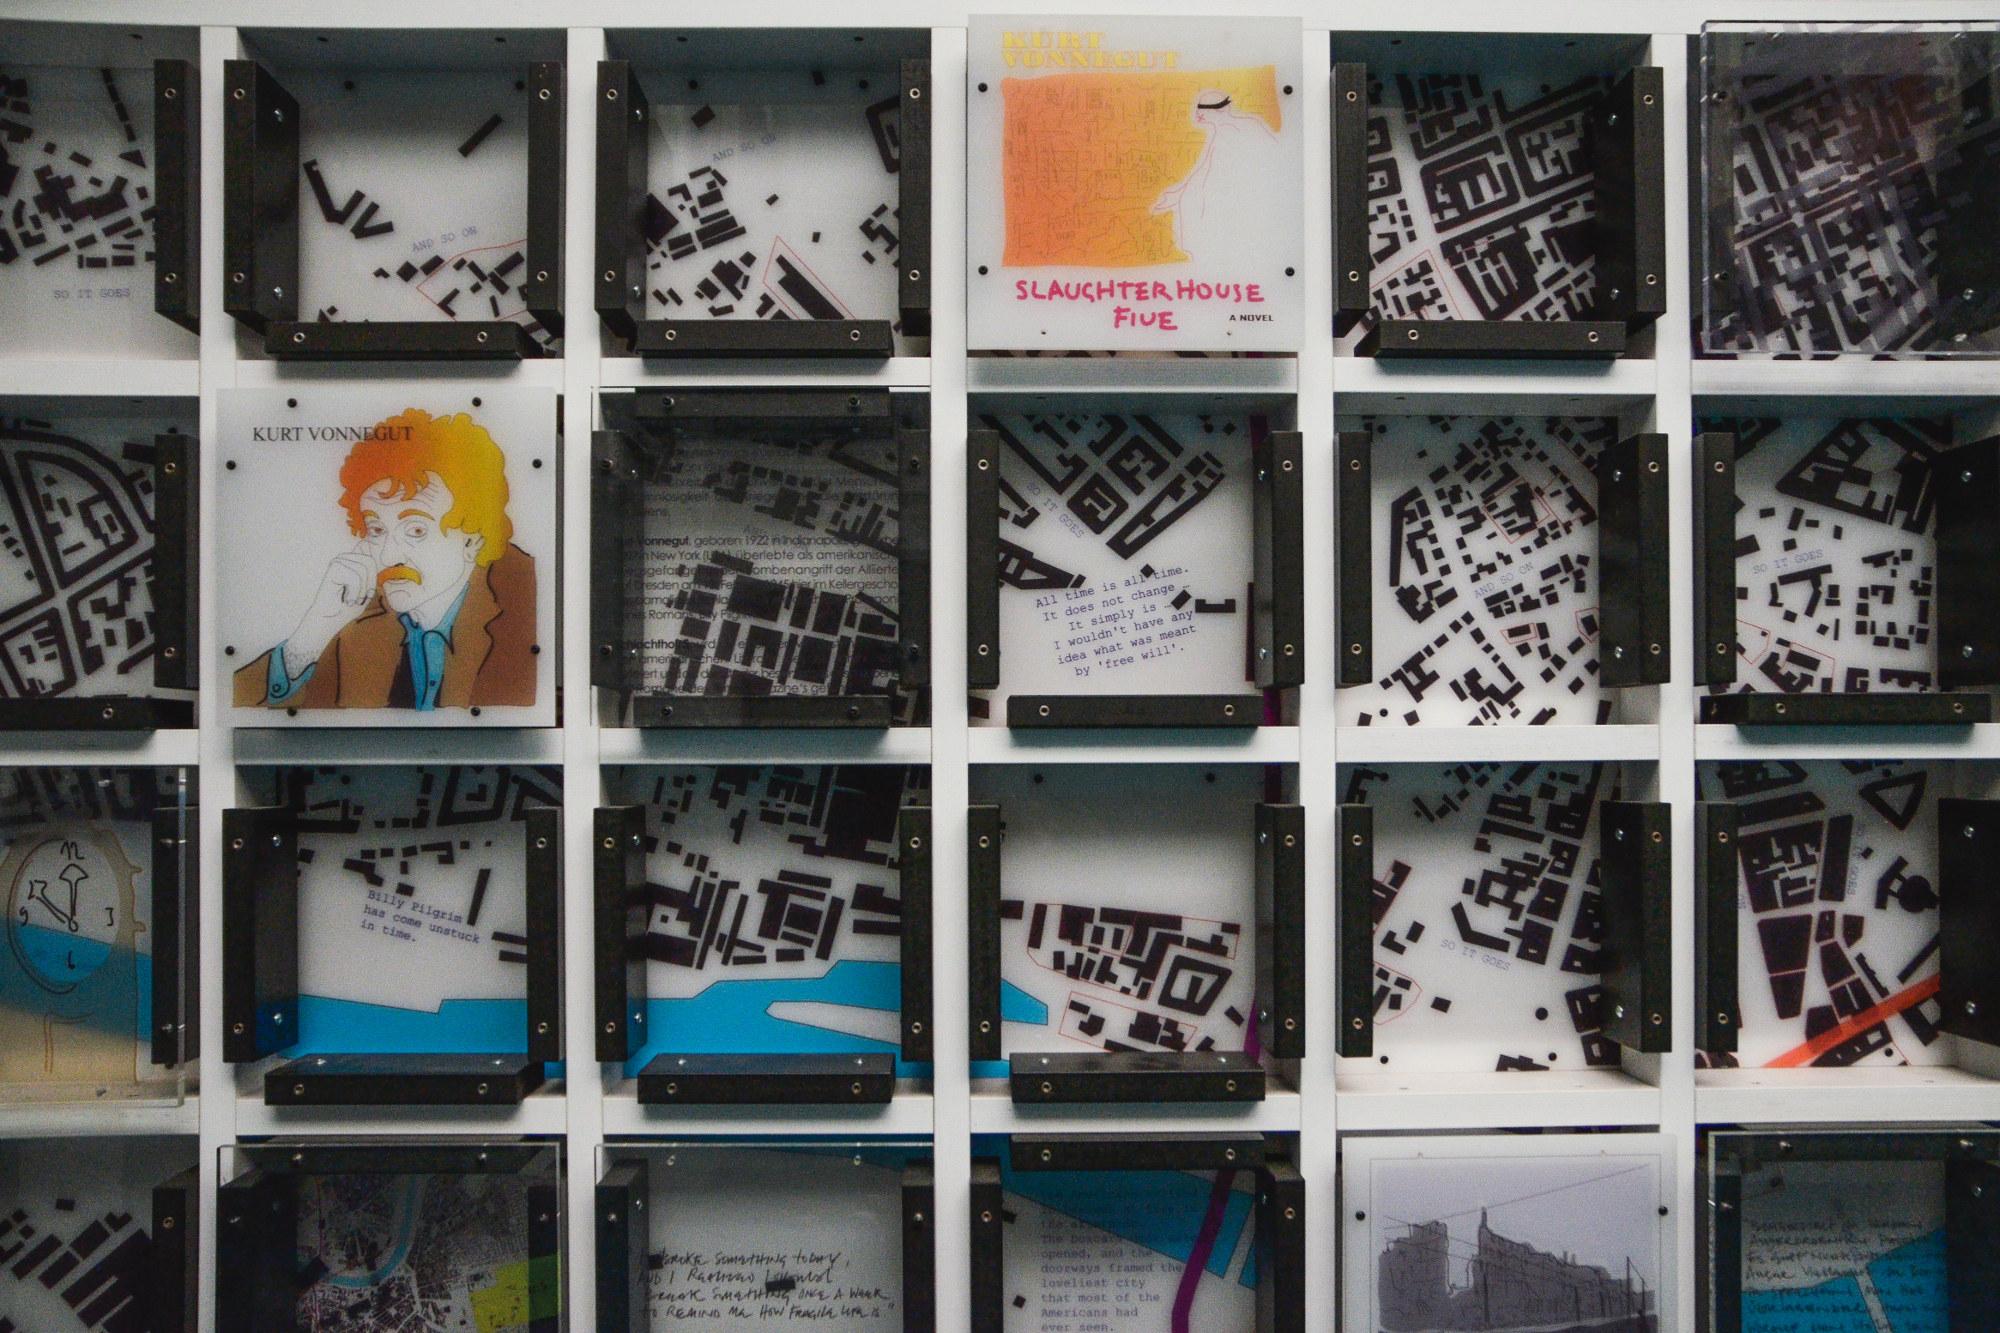 Il memoriale a Dresda e Vonnegut